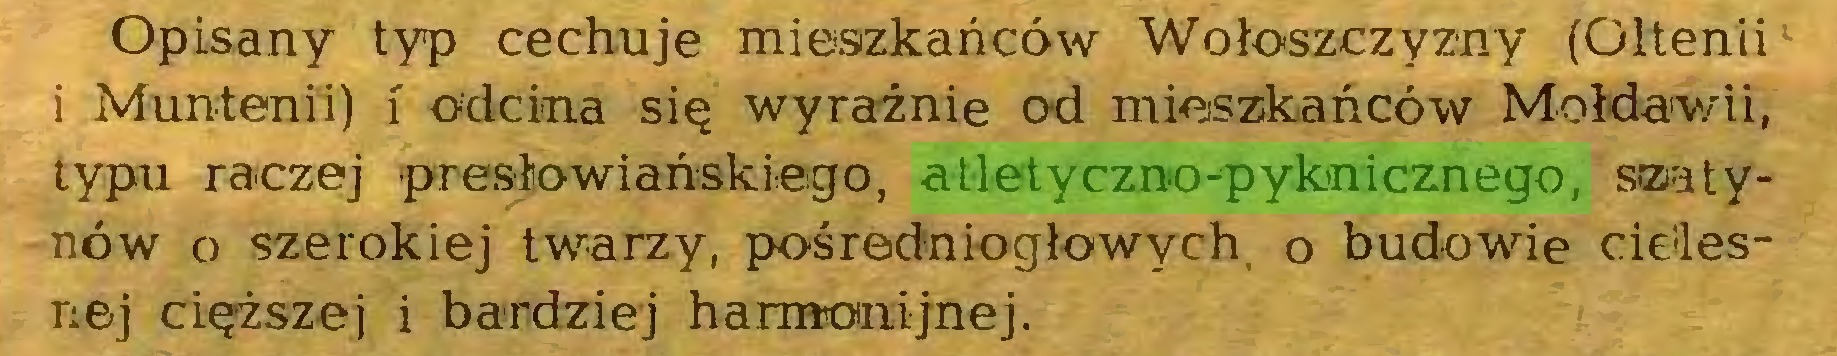 (...) Opisany typ cechuje mieszkańców Wołoszczyzny (Oltenii: 1 Muntenii) i odcina się wyraźnie od mieszkańców Mołdawii, typu raczej presłiowiańskiego, atletyczno-pyknicznego, sizatynów o szerokiej twarzy, pośredniogłowych o budowie cielesnej cięższej i bardziej harmonijnej...